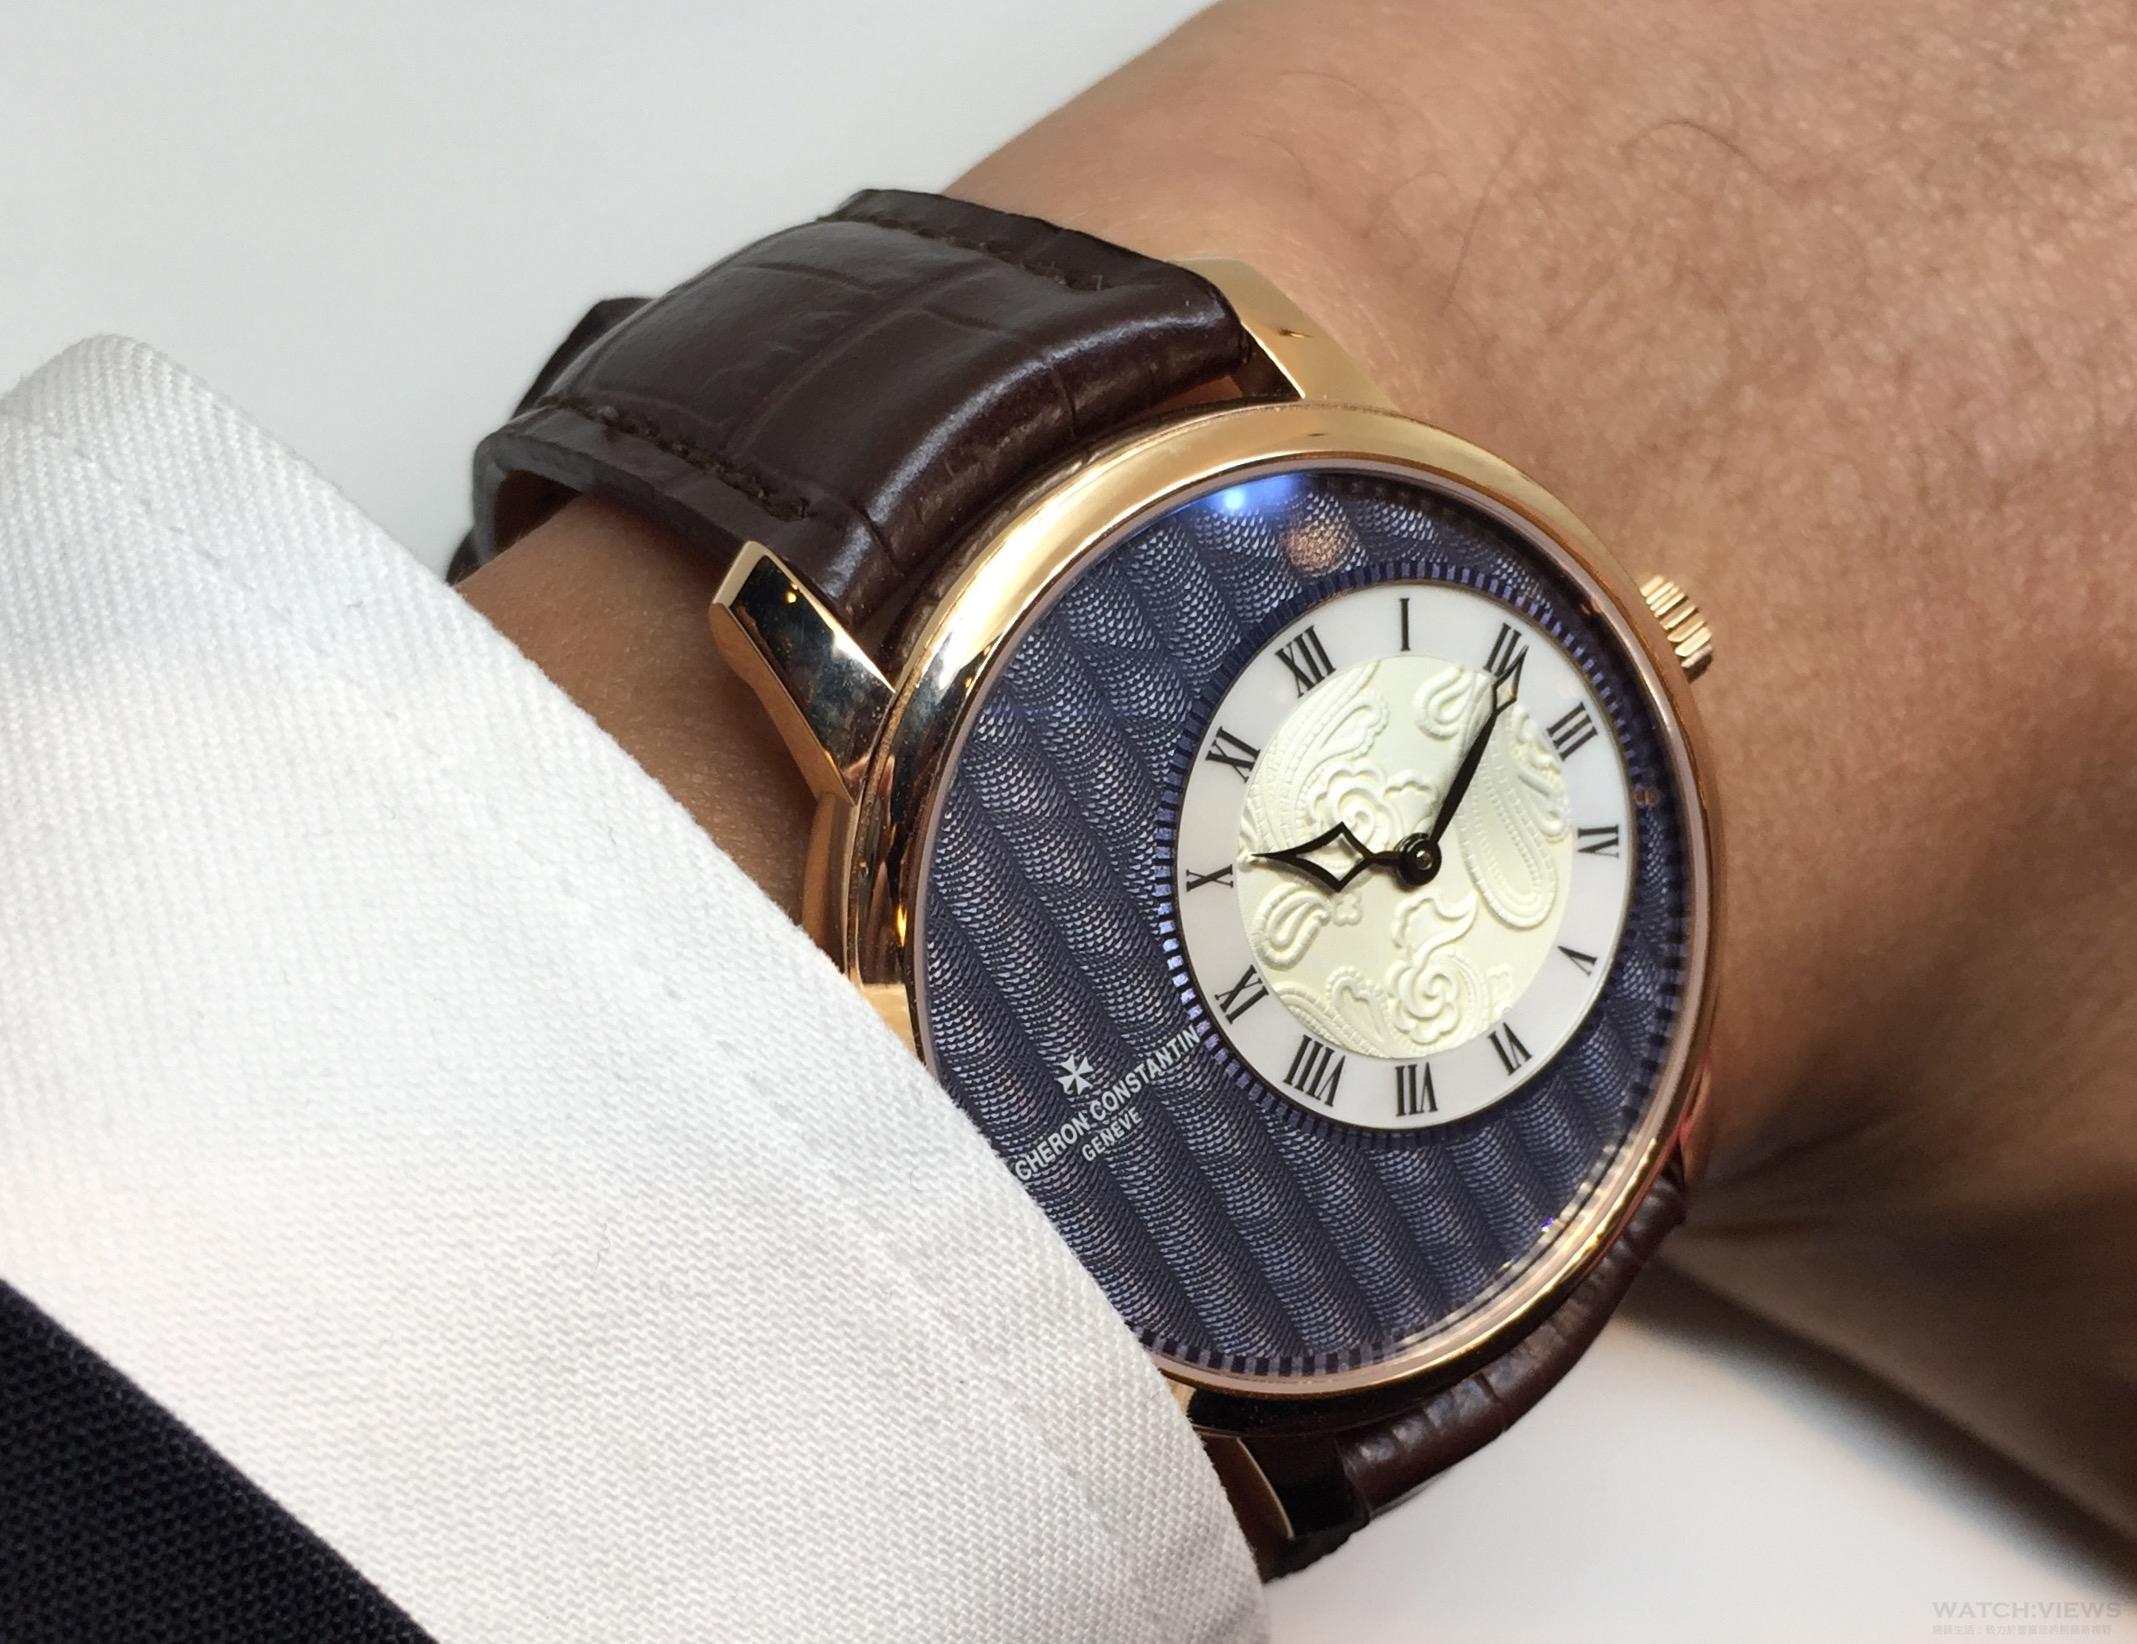 藏在袖口的藝術:江詩丹頓Métiers d'Art Elégance Sartoriale腕錶